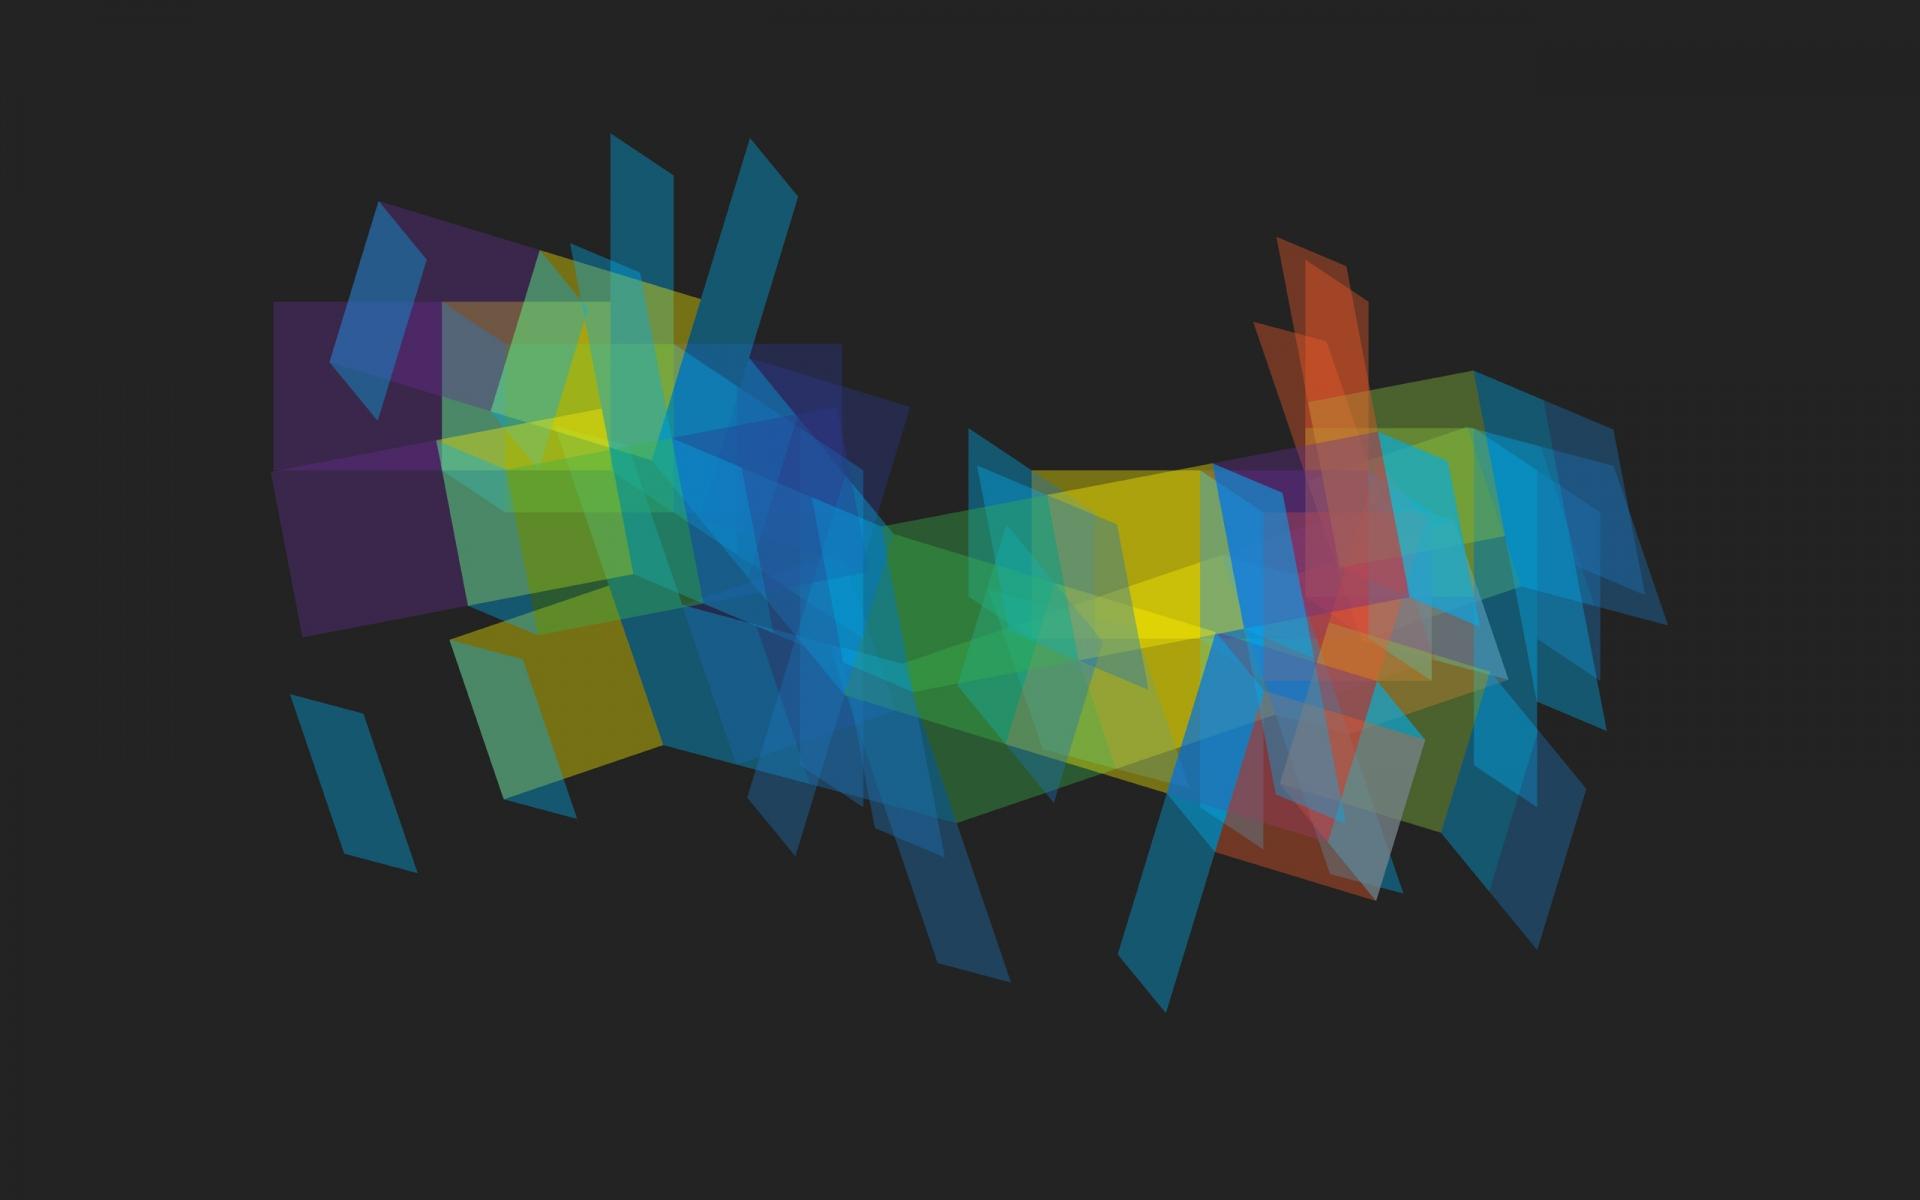 Картинки Линия, разноцветная, форма фото и обои на рабочий стол